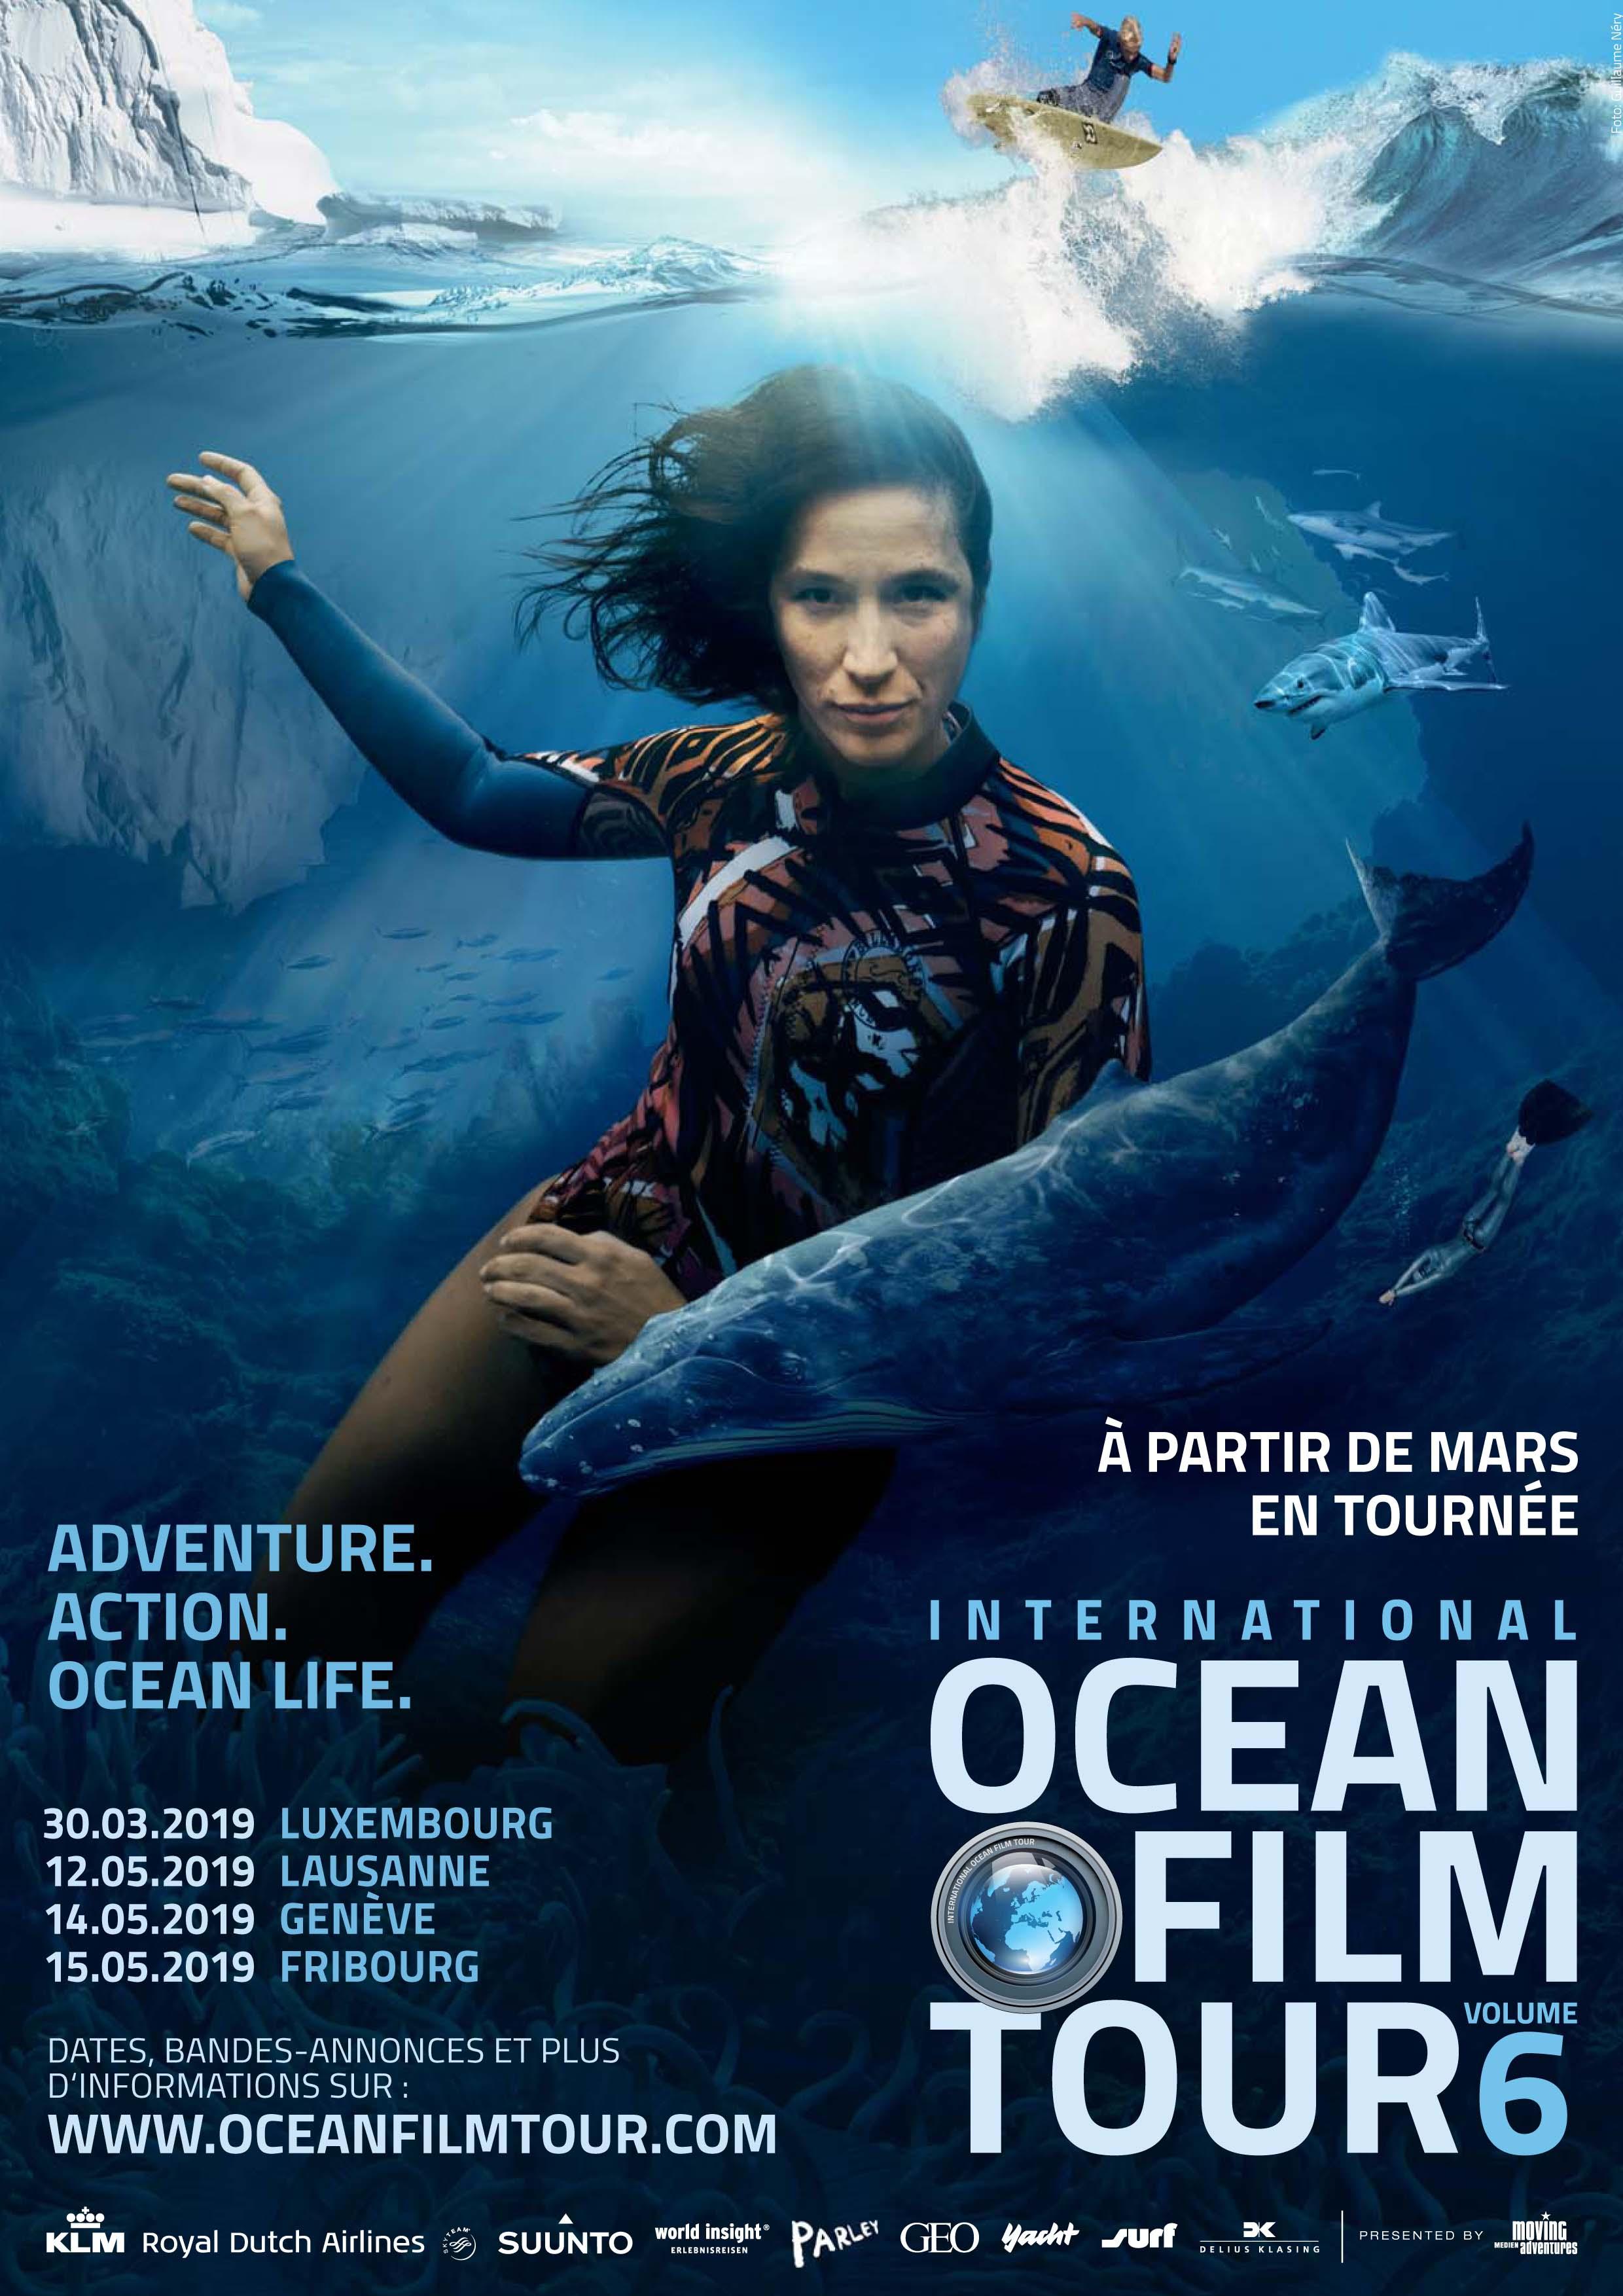 OCEAN FILM TOUR 14 MAI